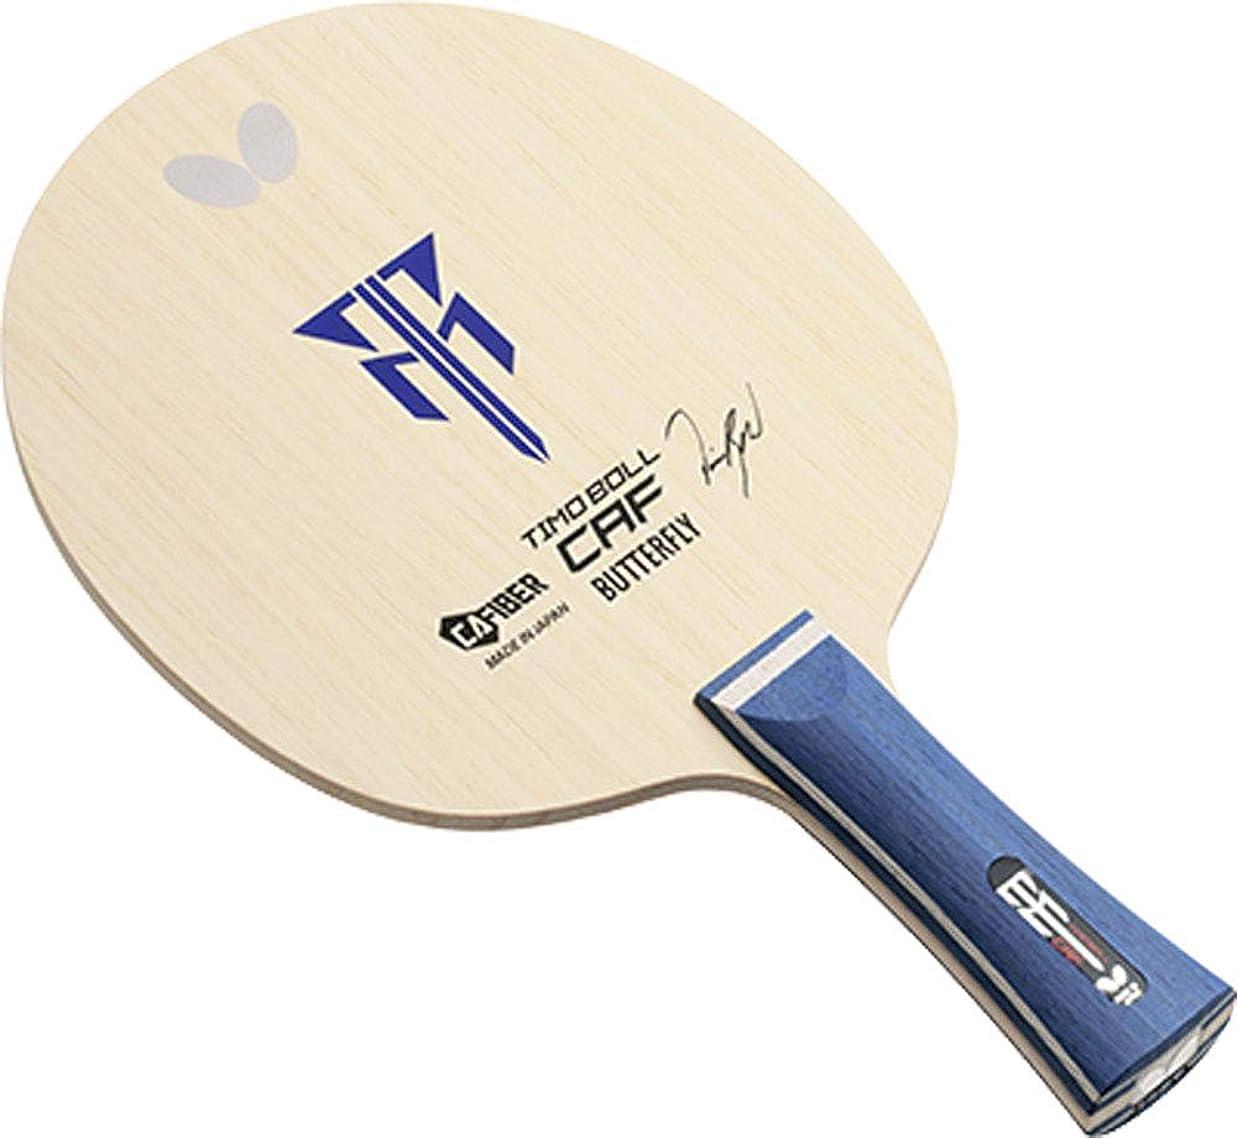 農業の中断六バタフライ(Butterfly) 卓球 ラケット ティモボル CAF シェークハンド 攻撃用 特殊素材入り ラージボール対応可